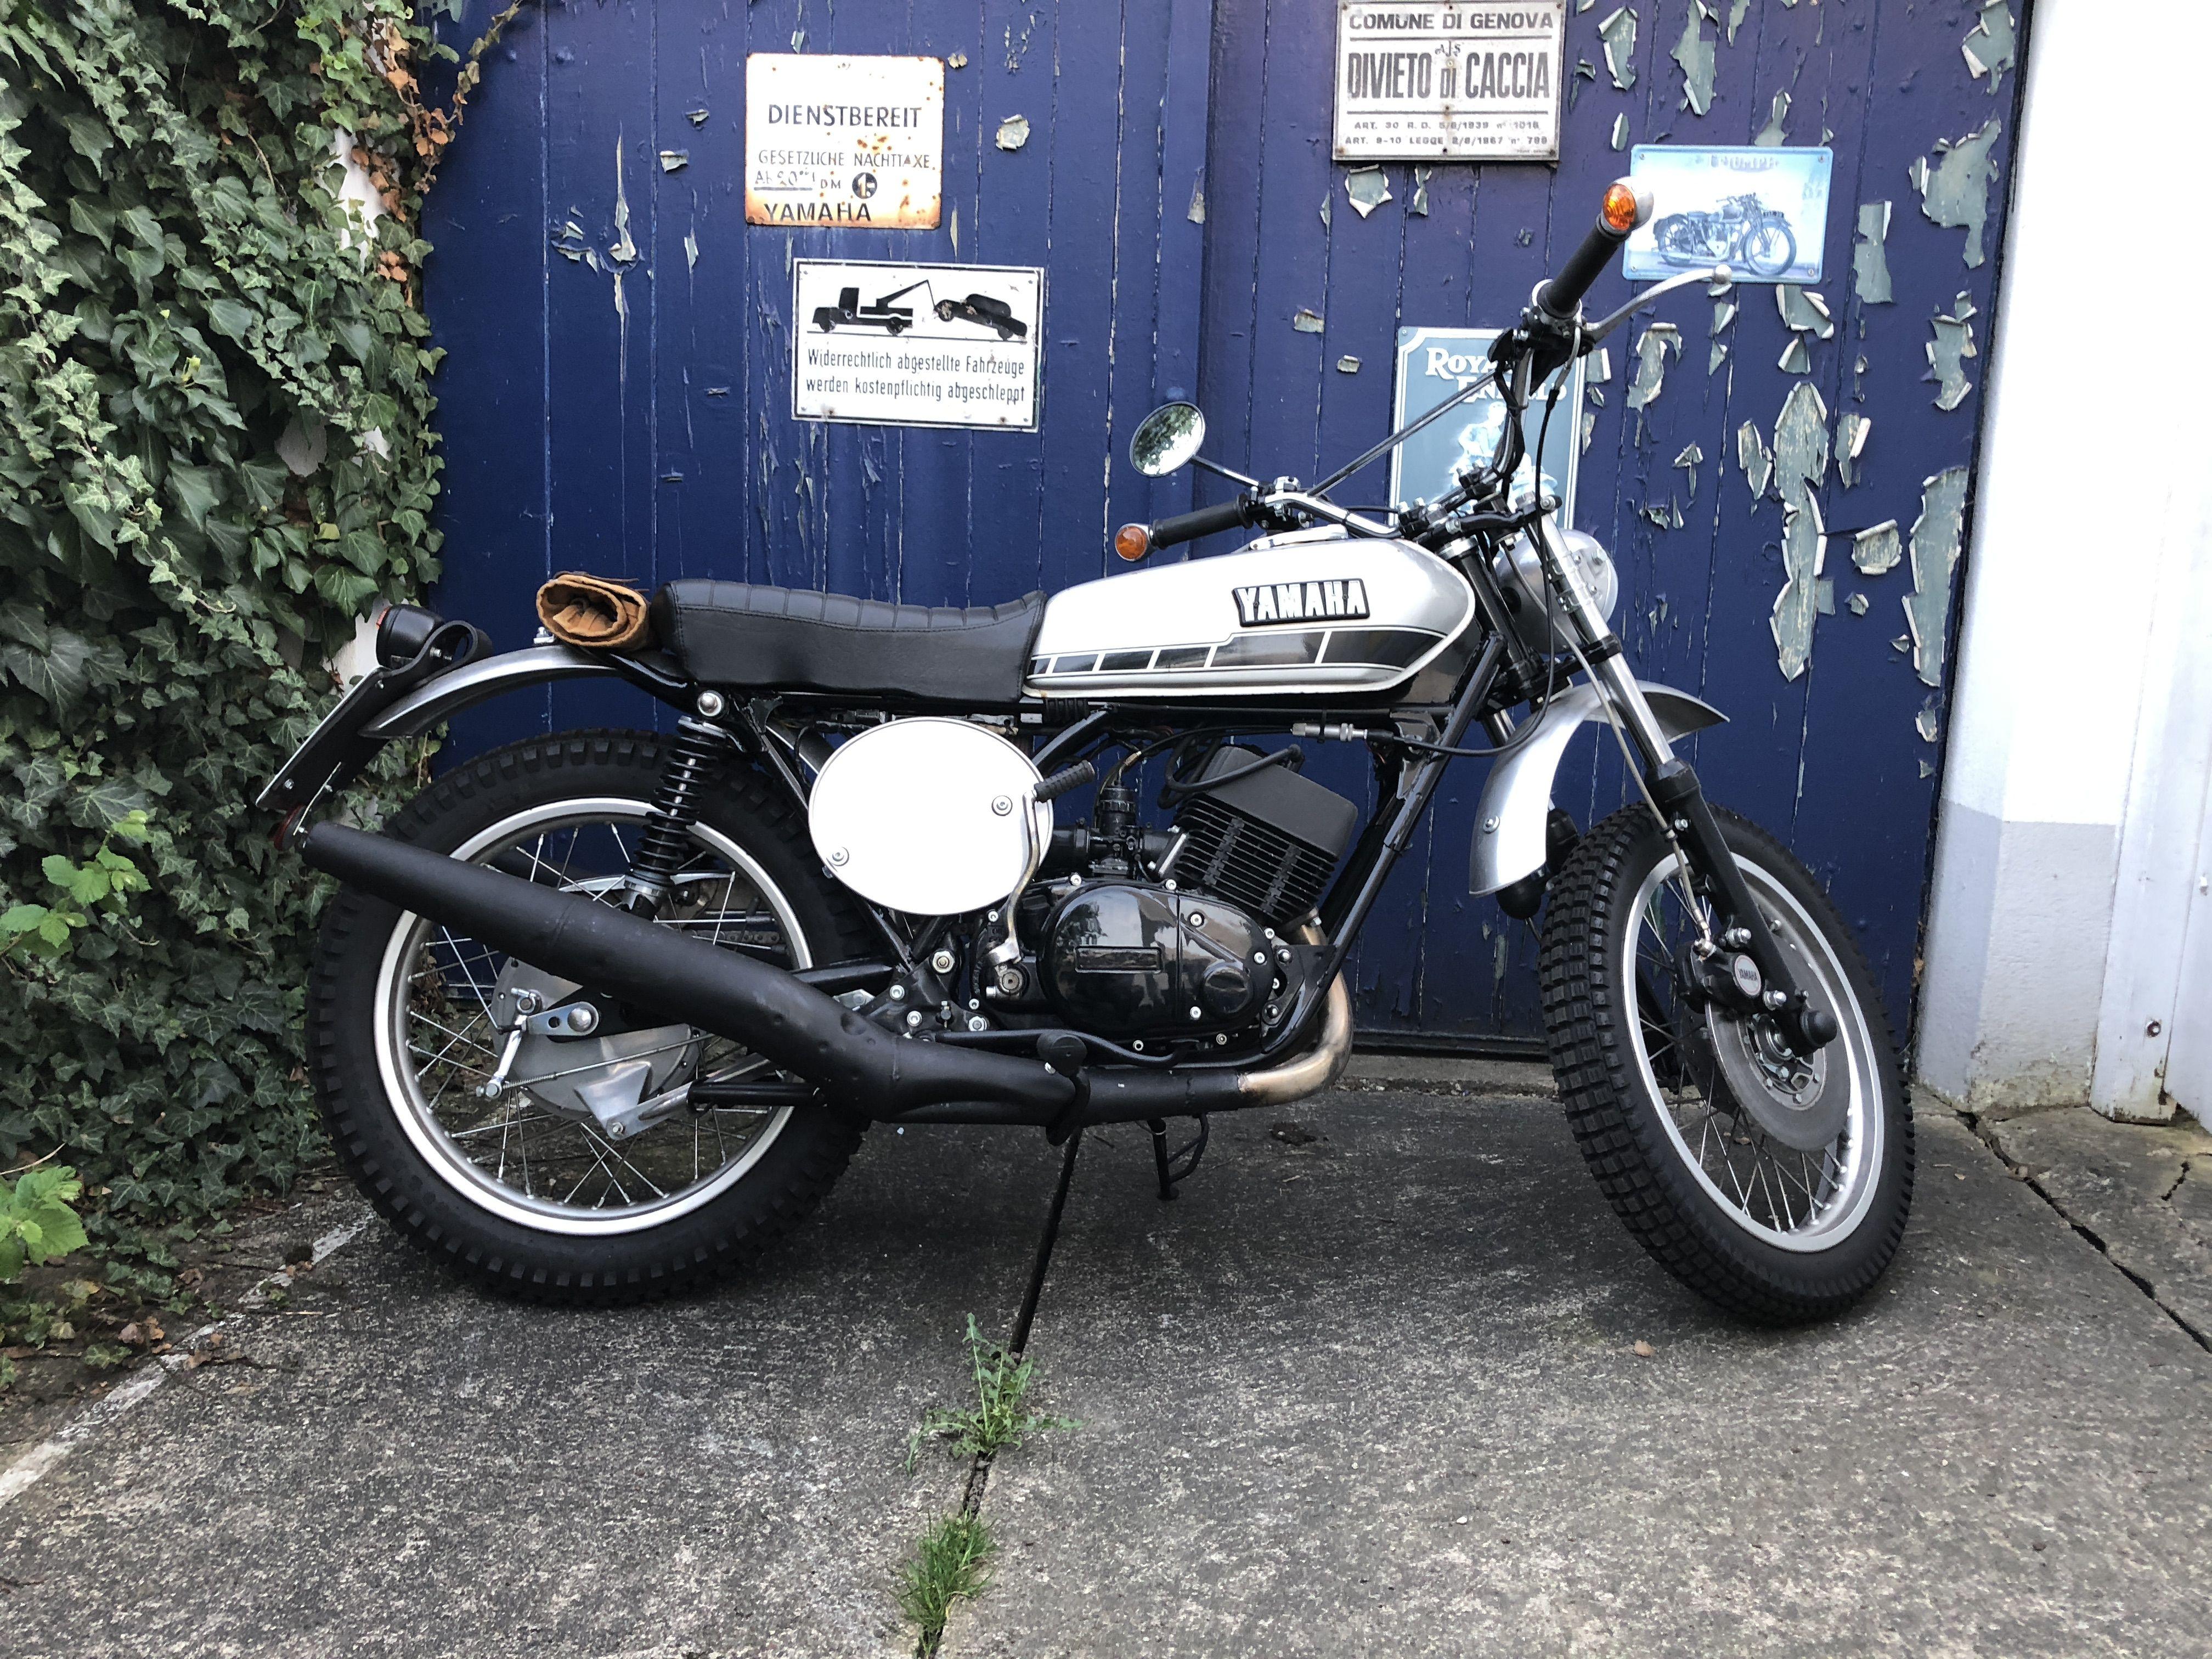 Yamaha Rd 250 Scrambler Motorrad